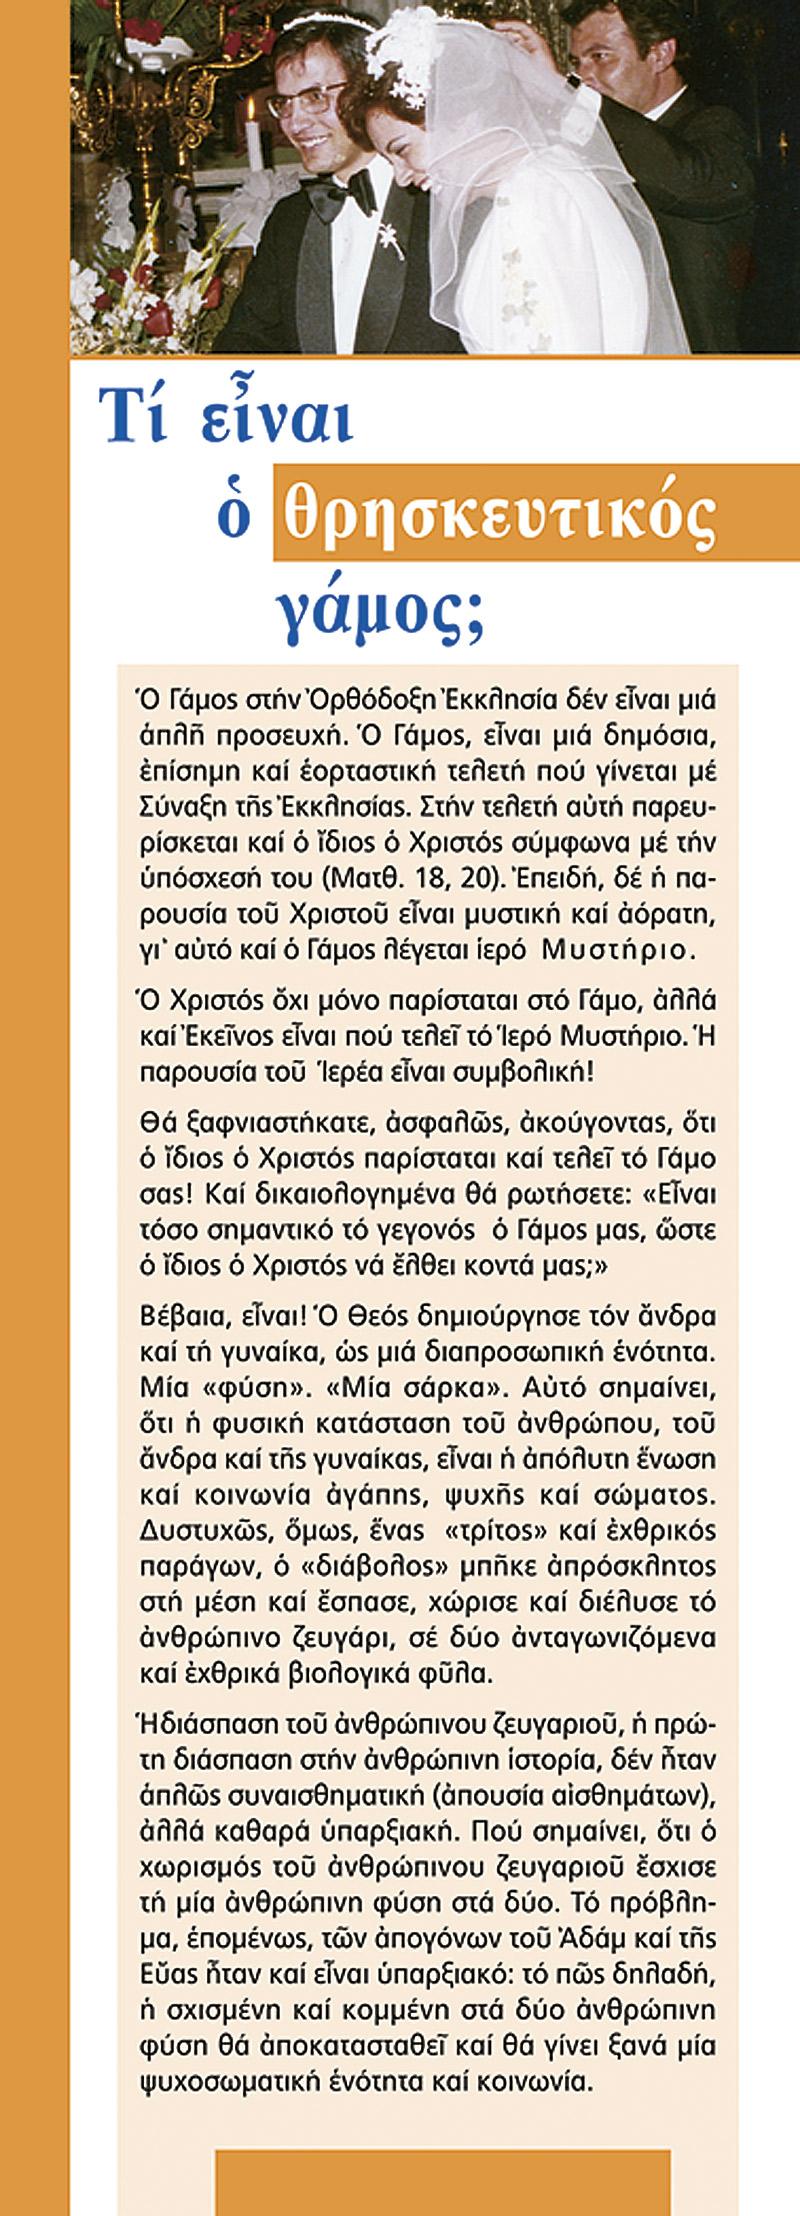 ENHMERWTIKA-FYLLADIA-GAMOS